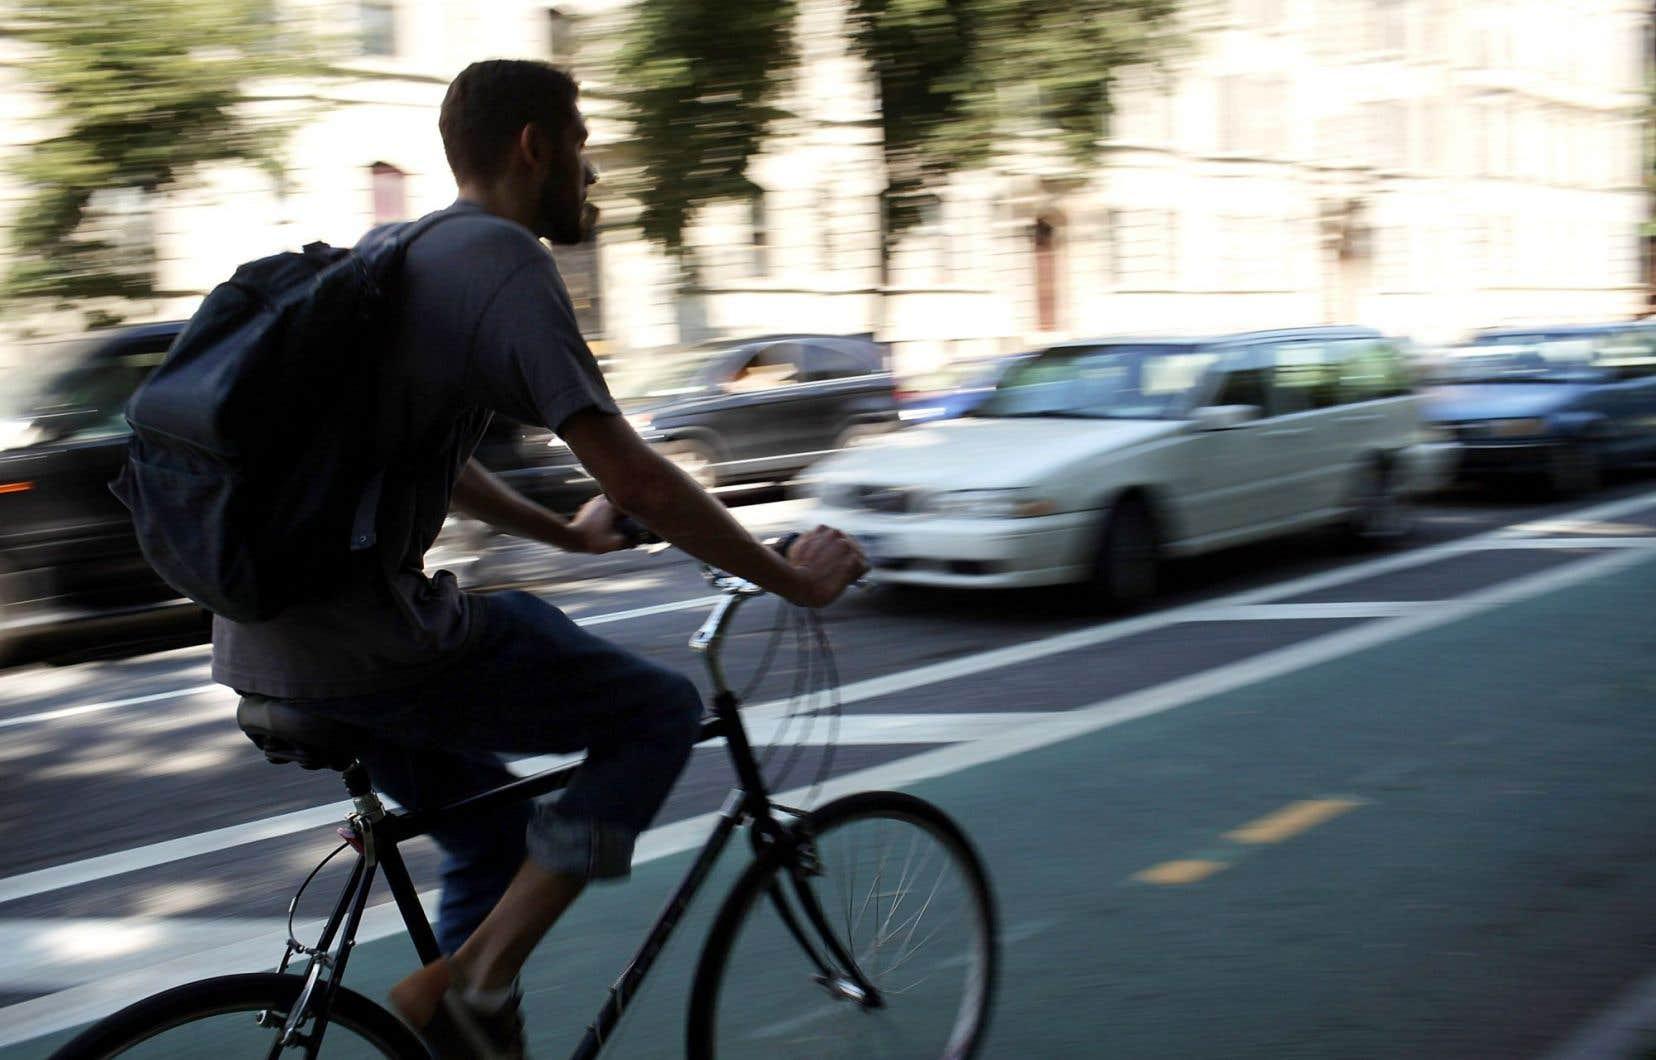 Si 14% des déplacements dans les grandes villes du monde étaient effectués à vélo, les émissions de gaz à effet de serre diminueraient de 11%.